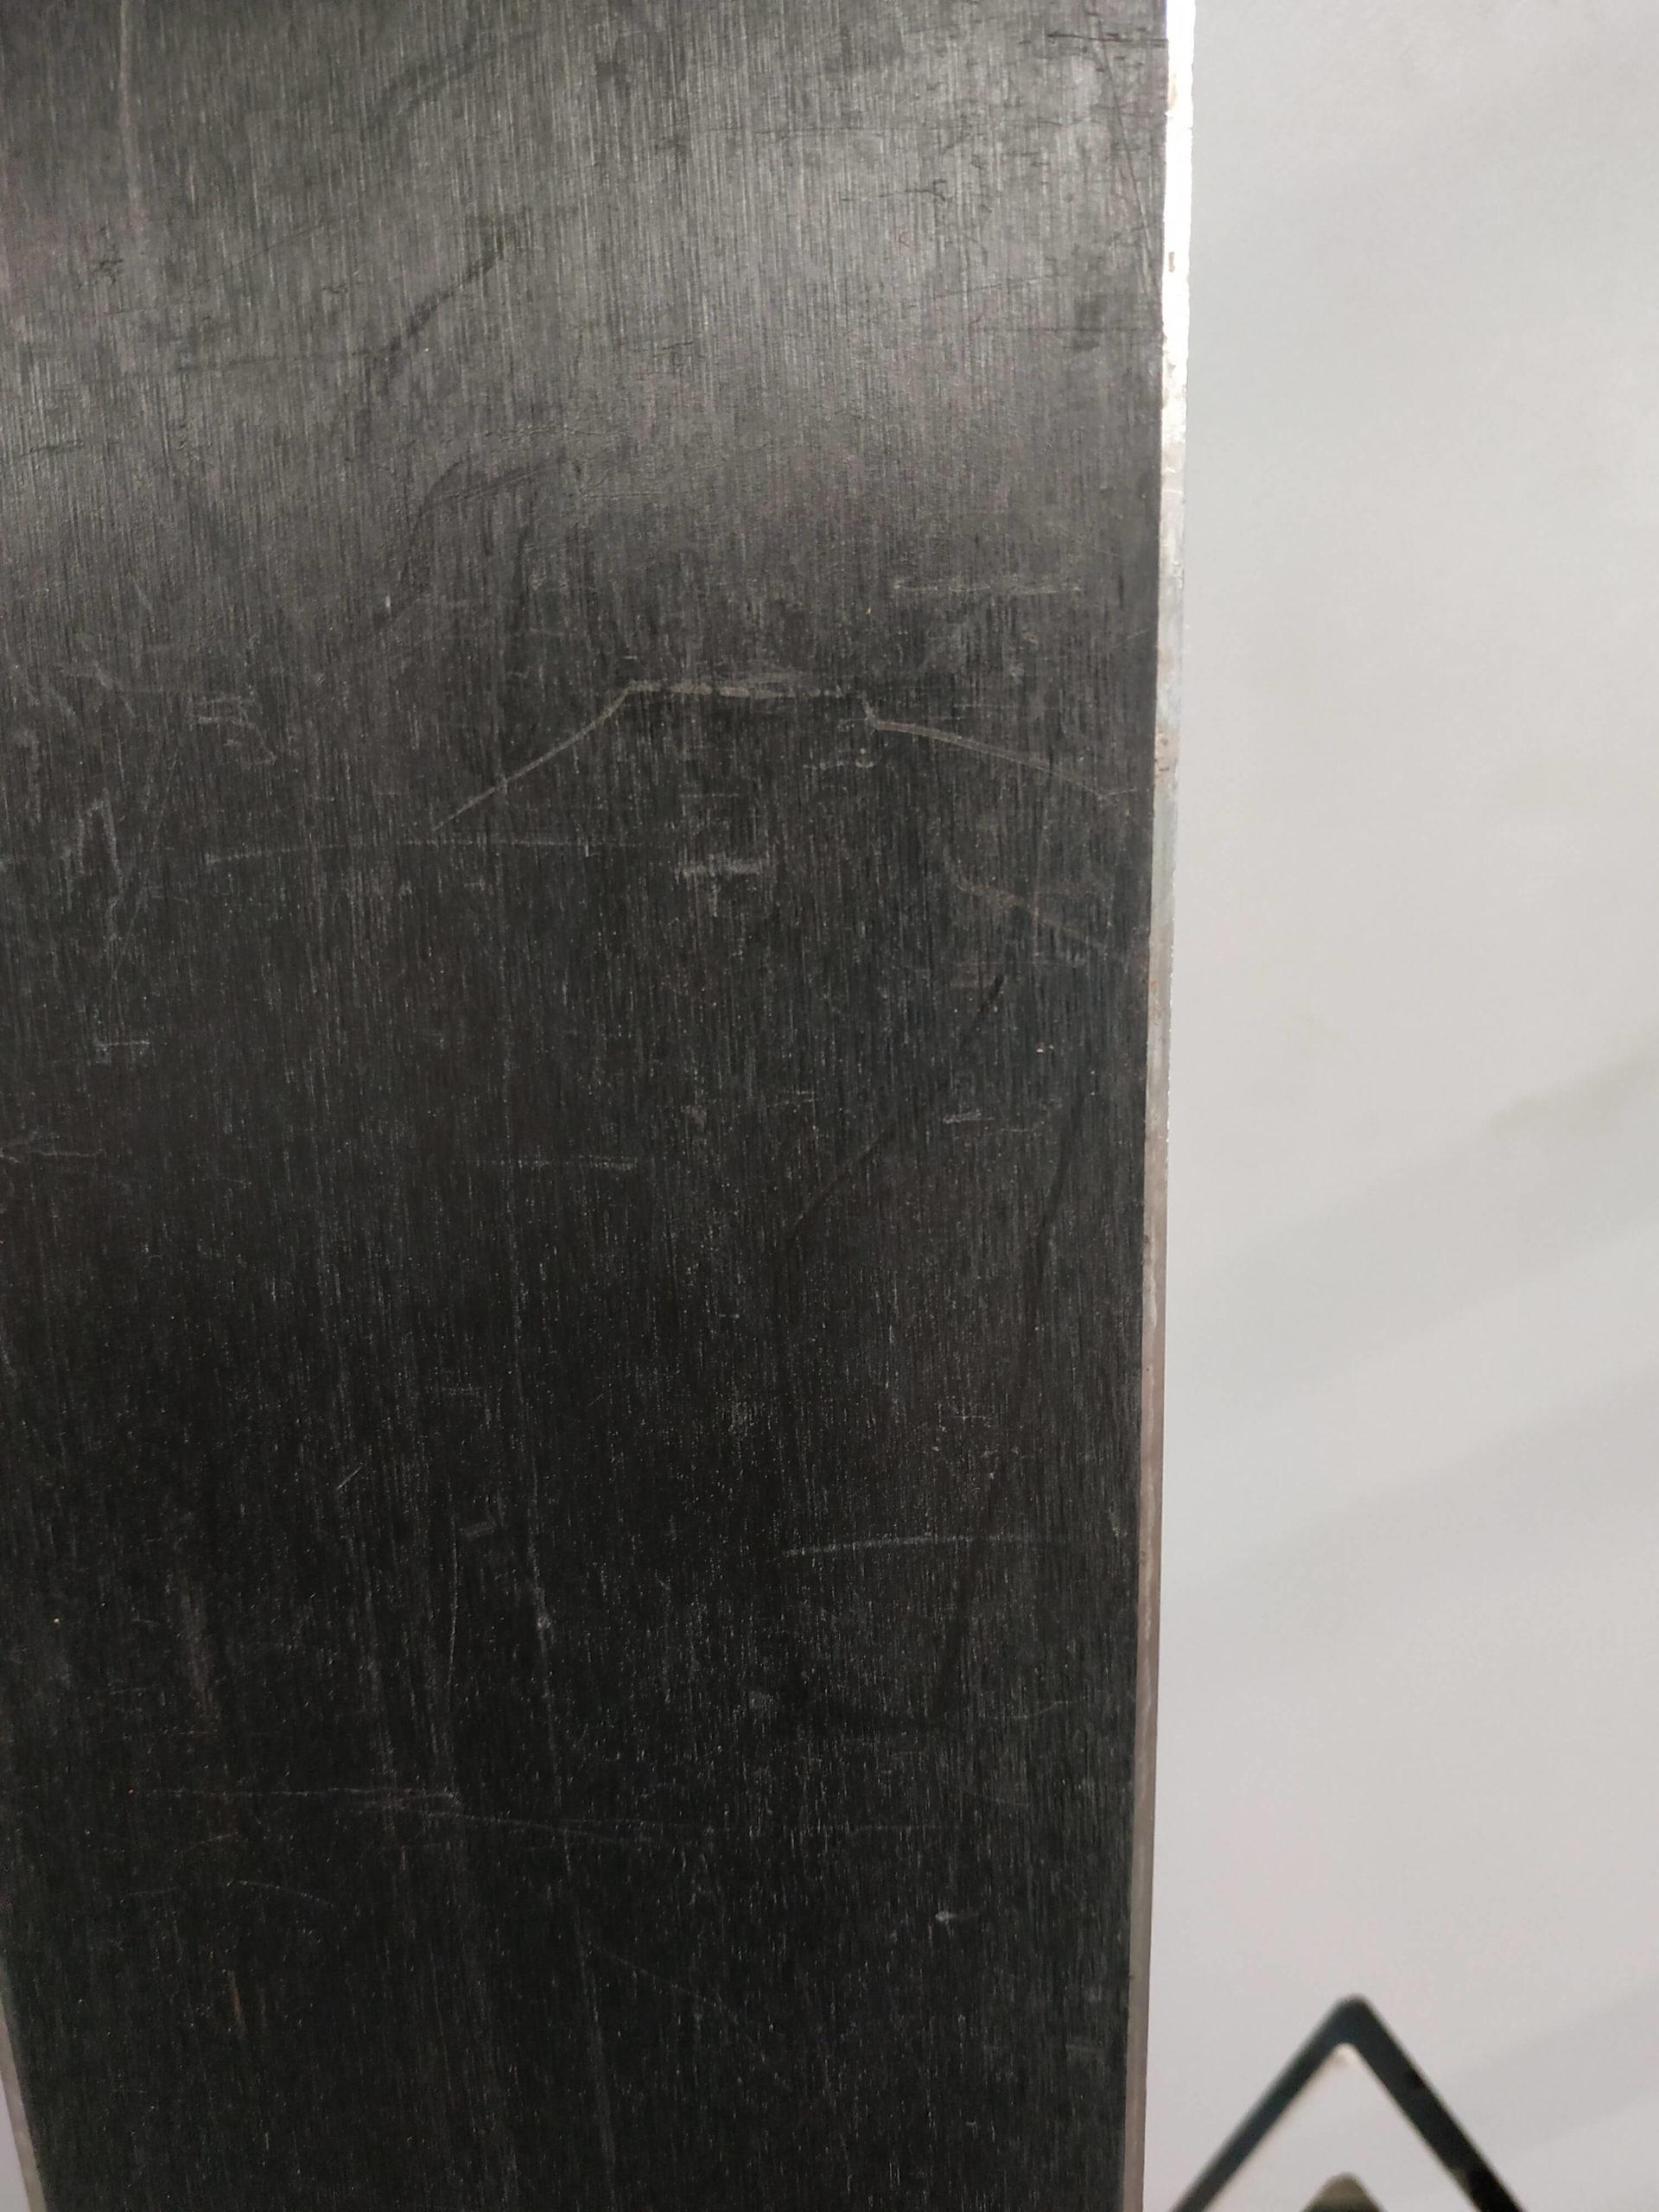 23. Atomic Balanze Bend X 155 R12.4 (9)